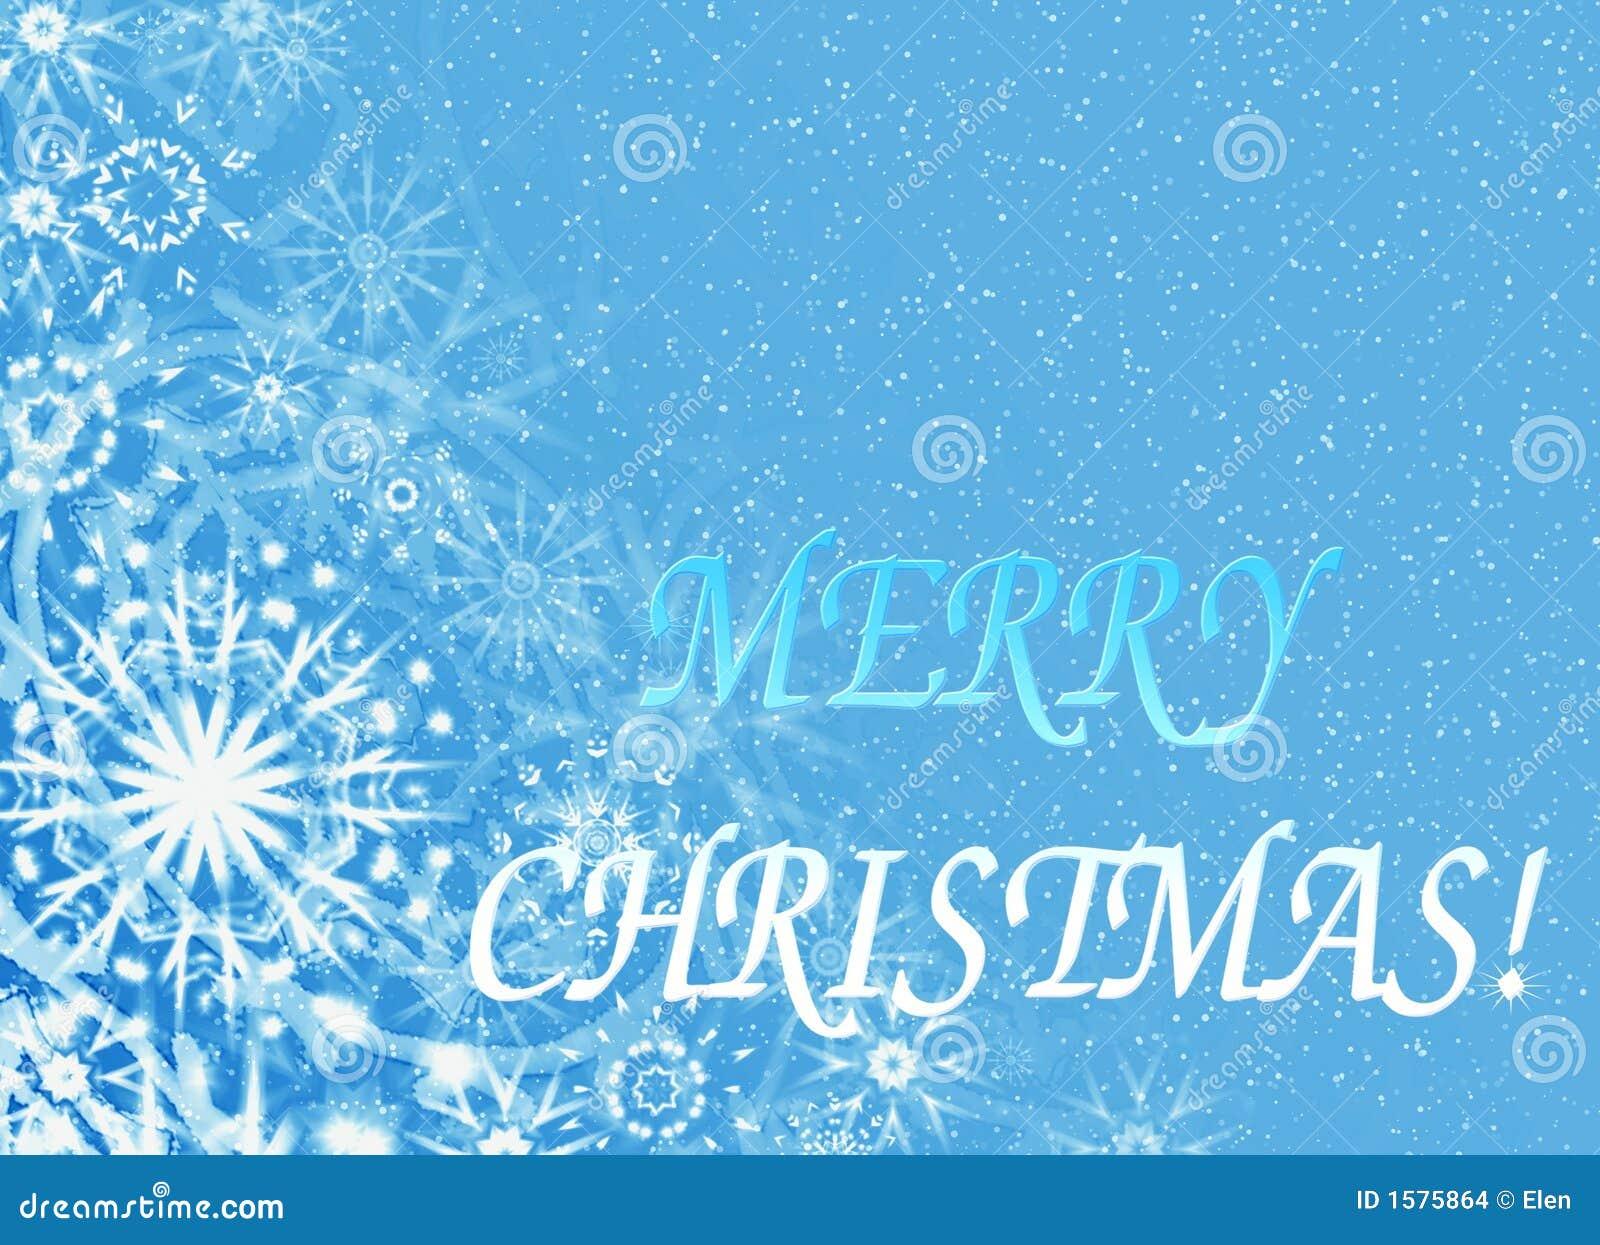 frohe weihnachten karte stock abbildung bild von abstraktion 1575864. Black Bedroom Furniture Sets. Home Design Ideas